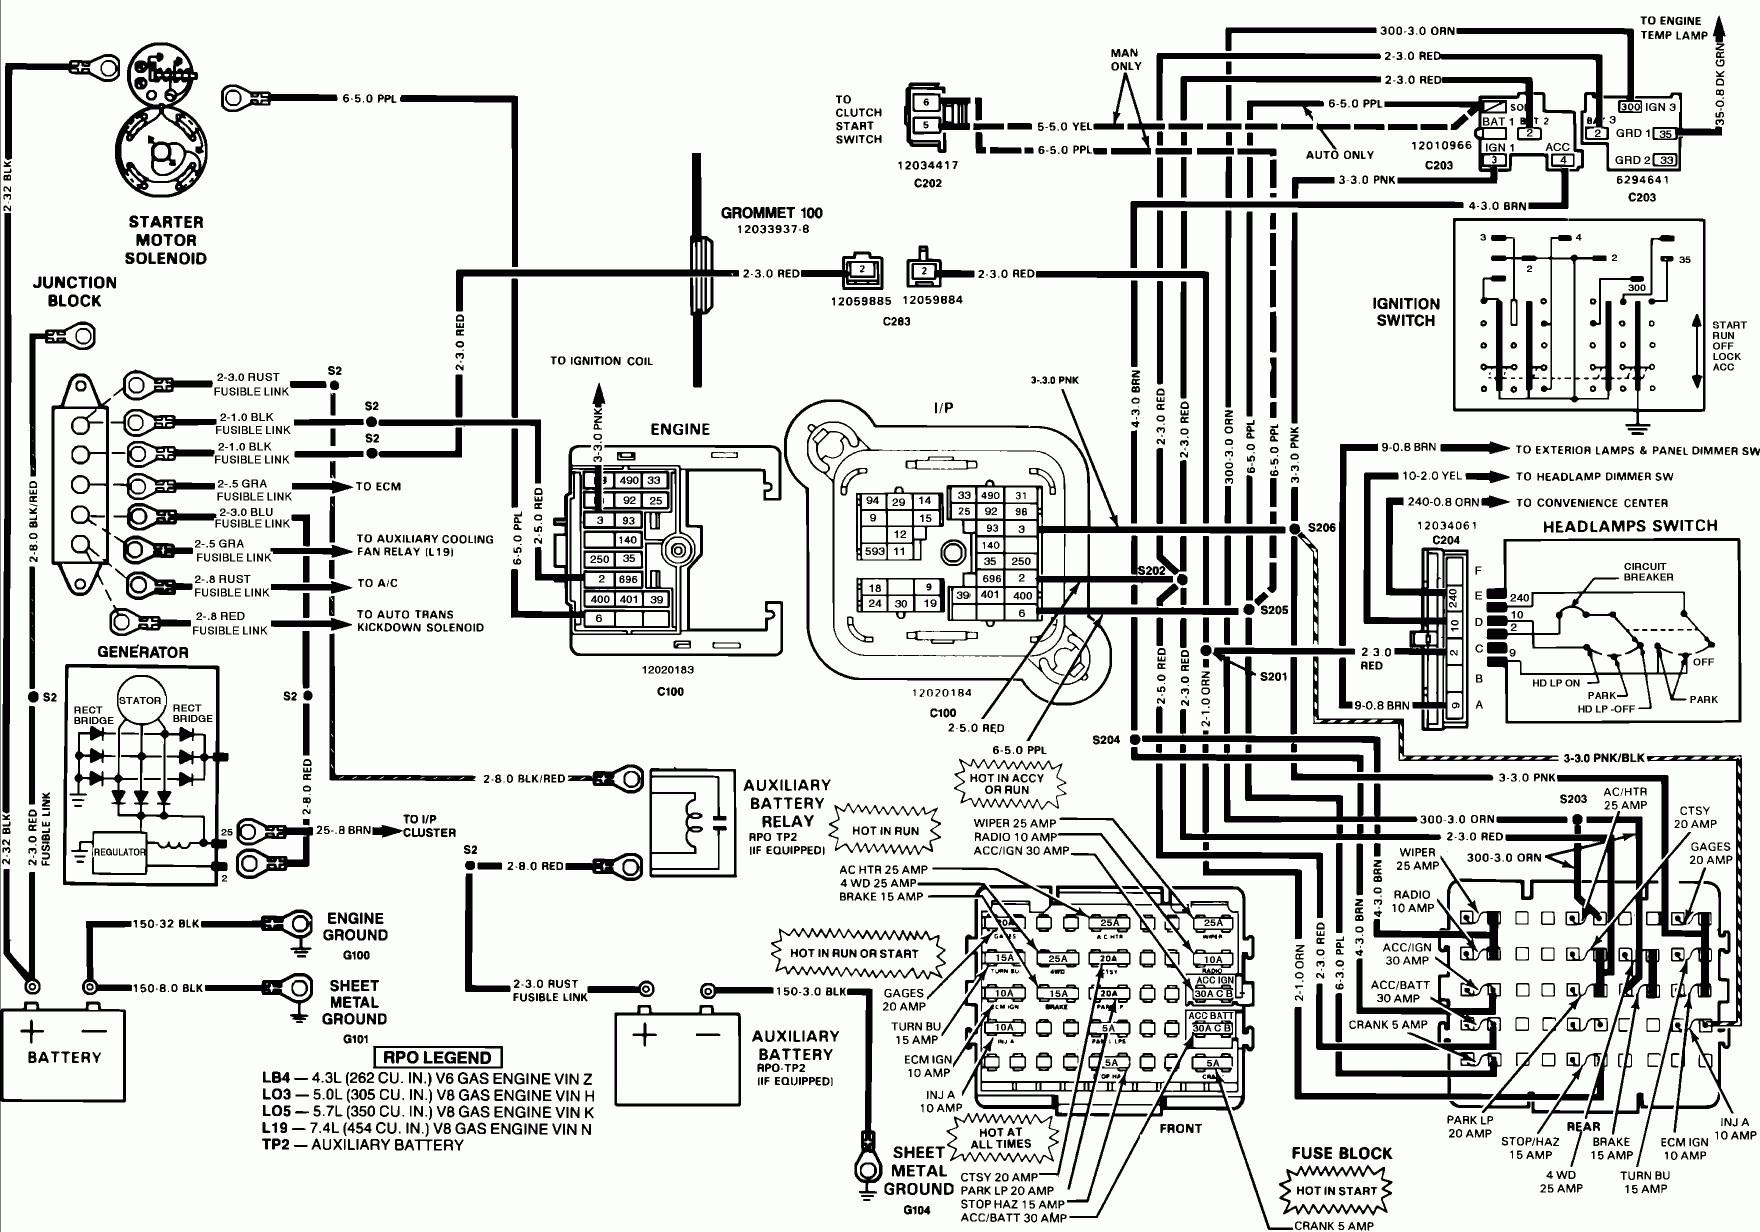 1999 plymouth voyager engine diagram 2000 chrysler voyager radiator diagram free download wiring